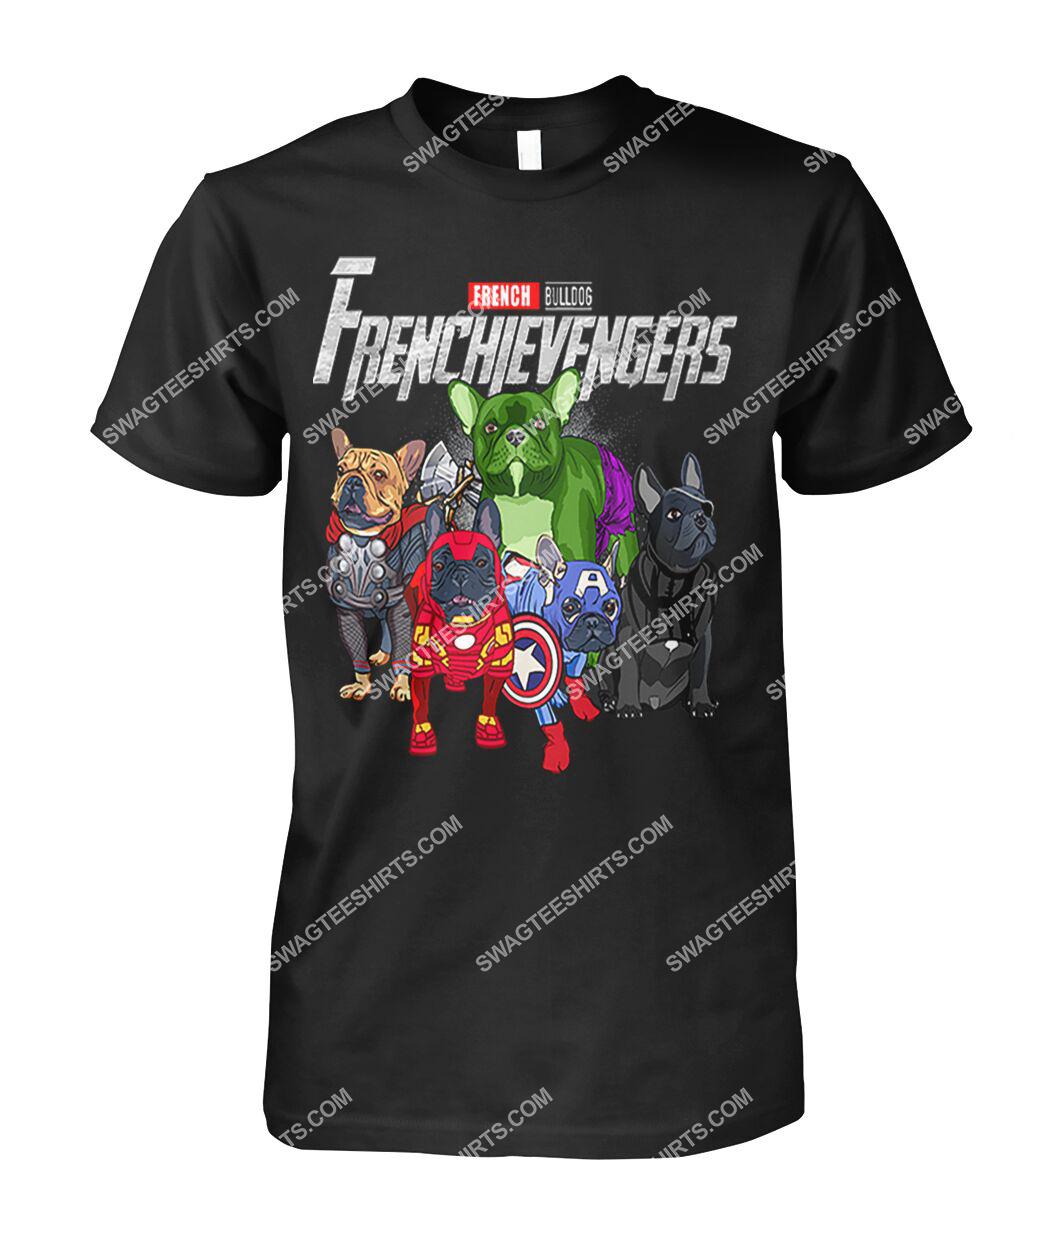 french bulldog frenchievengers marvel avengers dogs lover tshirt 1